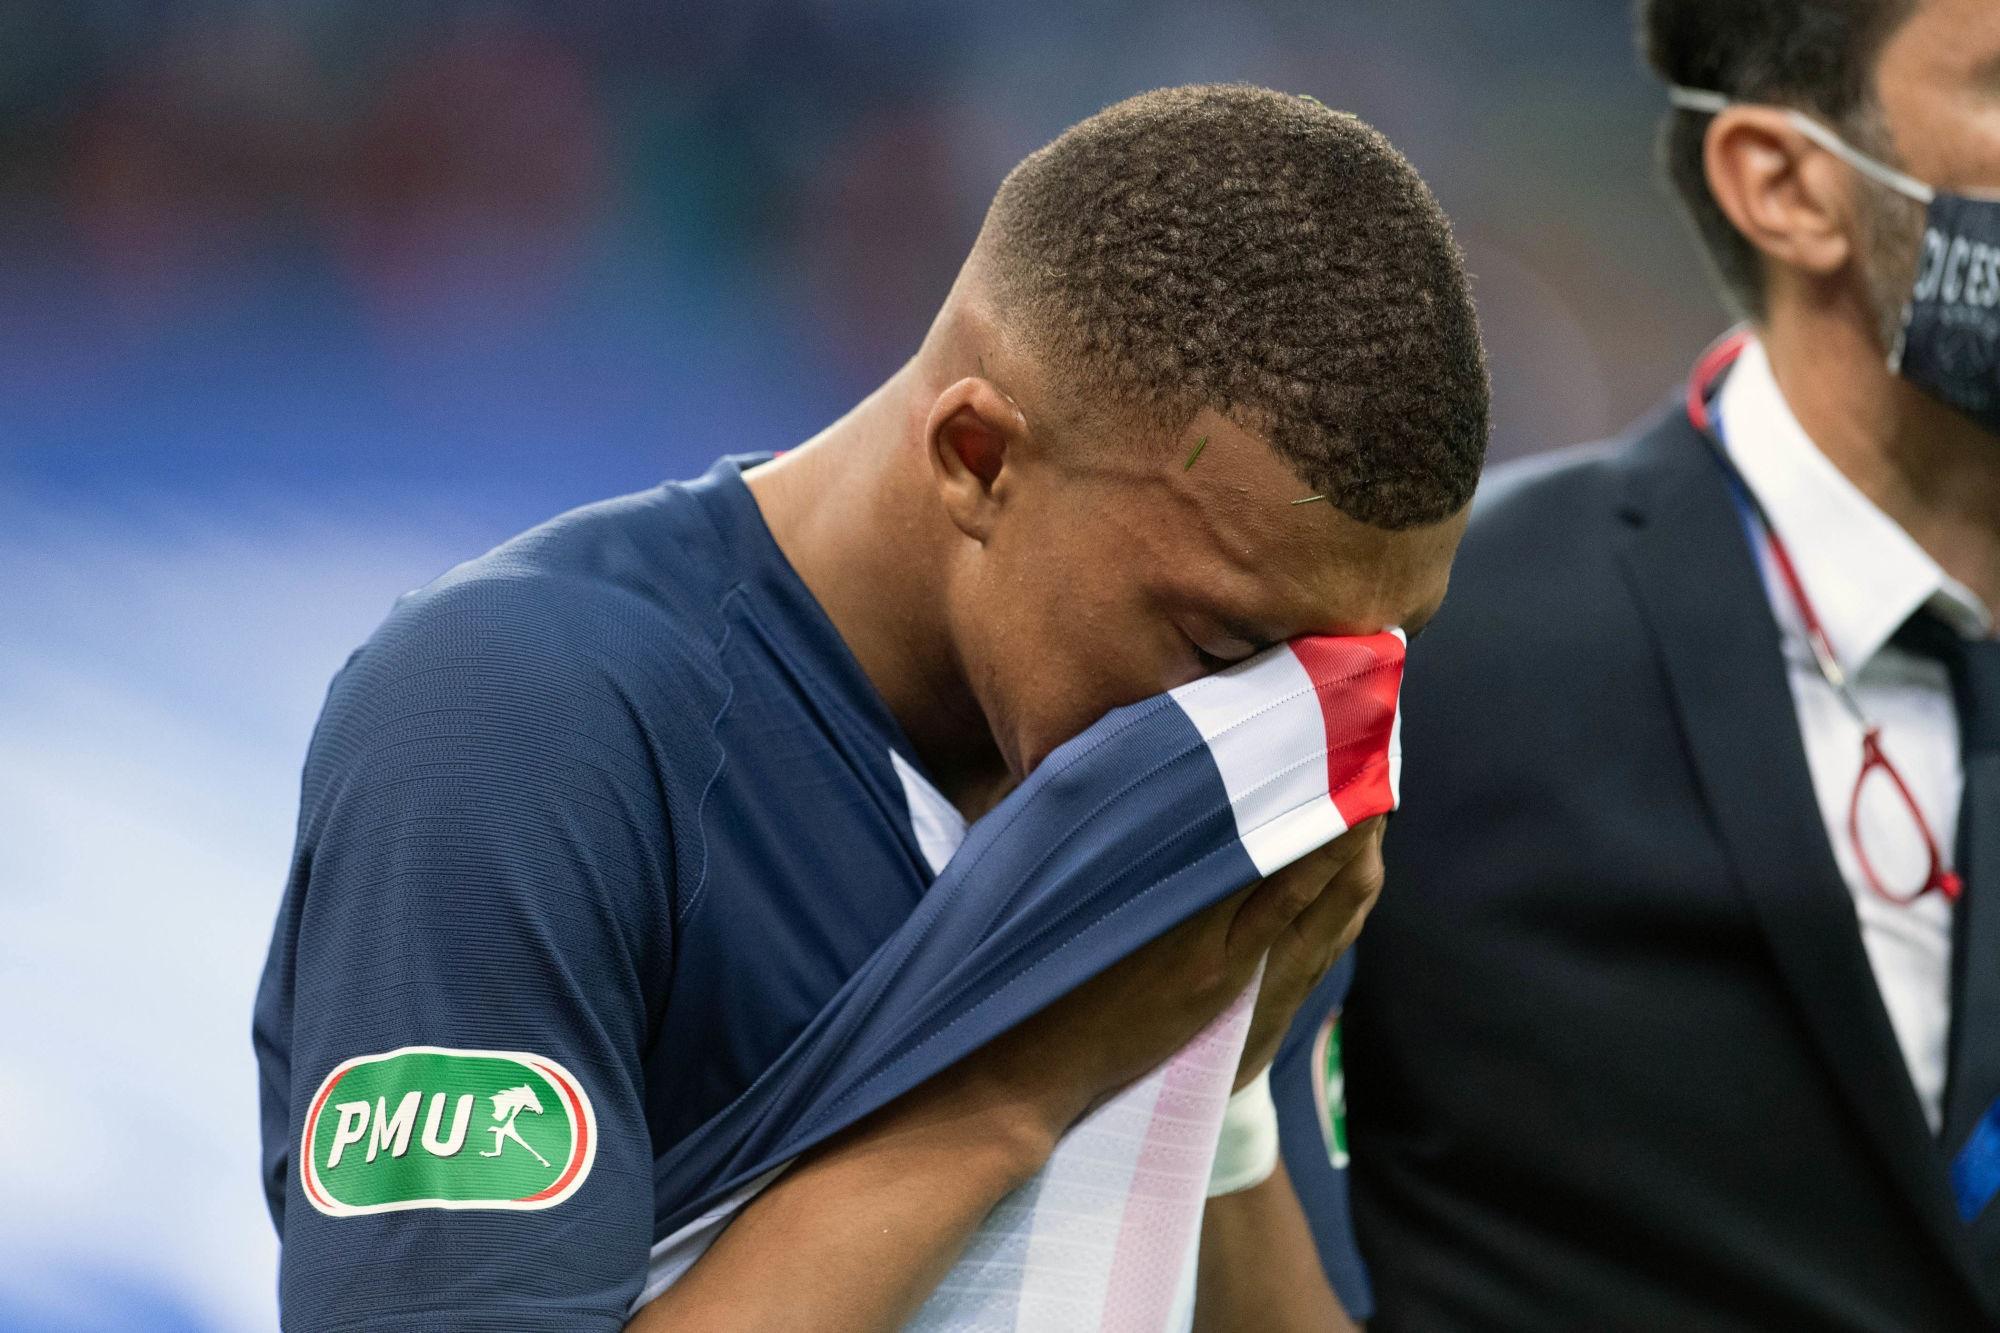 Sondage - Après la finale contre Saint-Etienne et la blessure de Mbappé, quel est votre sentiment pour la LDC ?